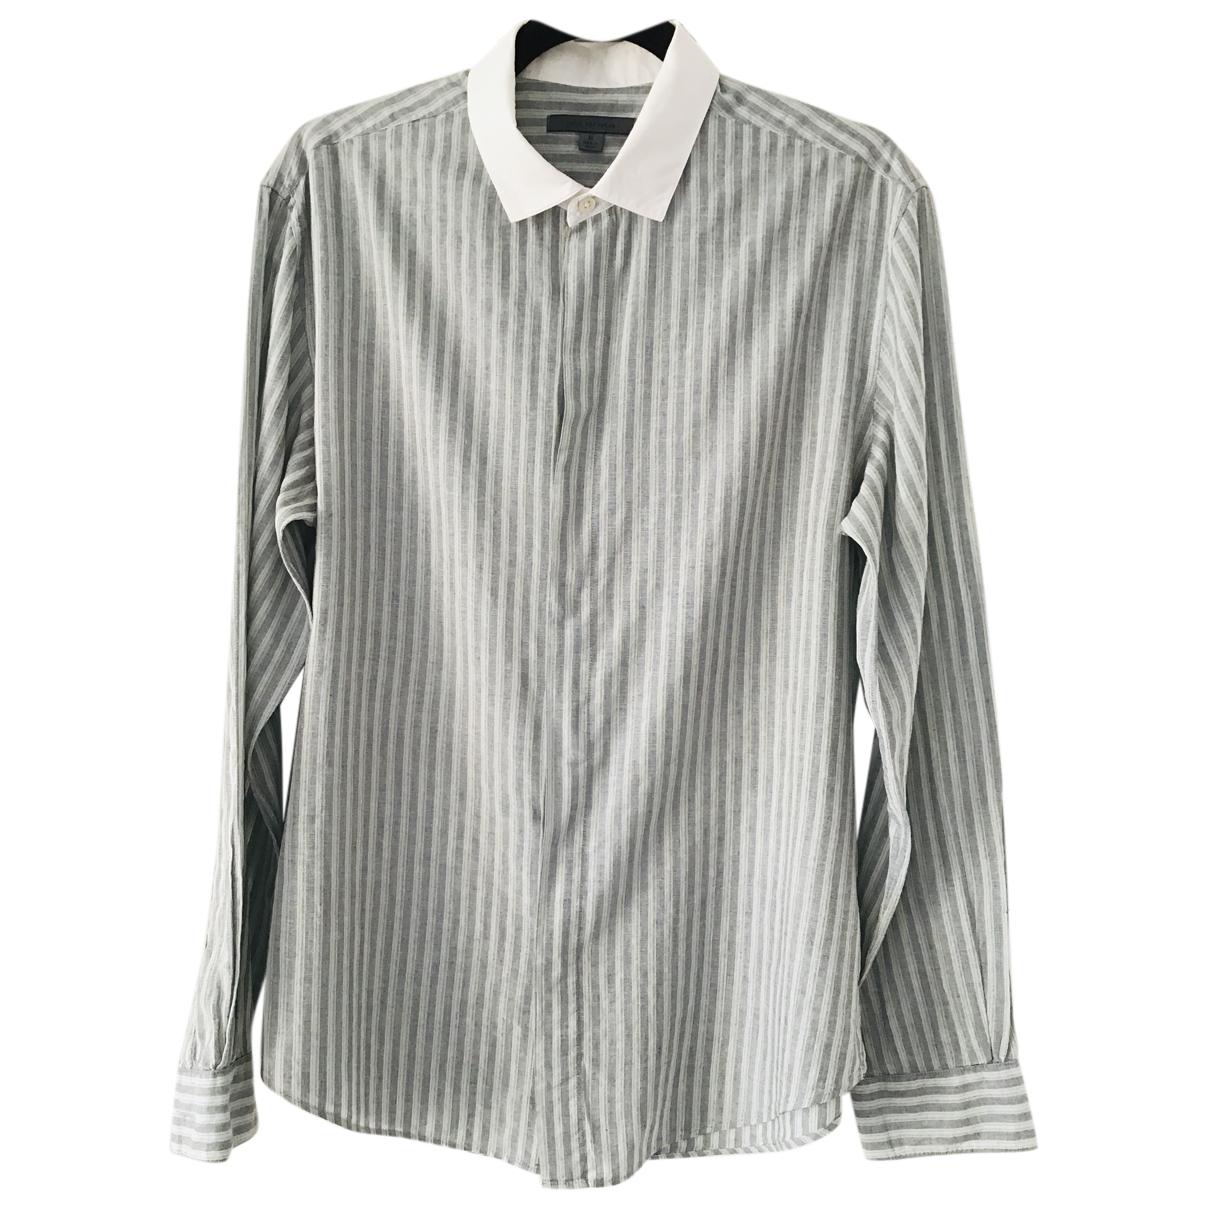 John Varvatos - Chemises   pour homme en coton - multicolore